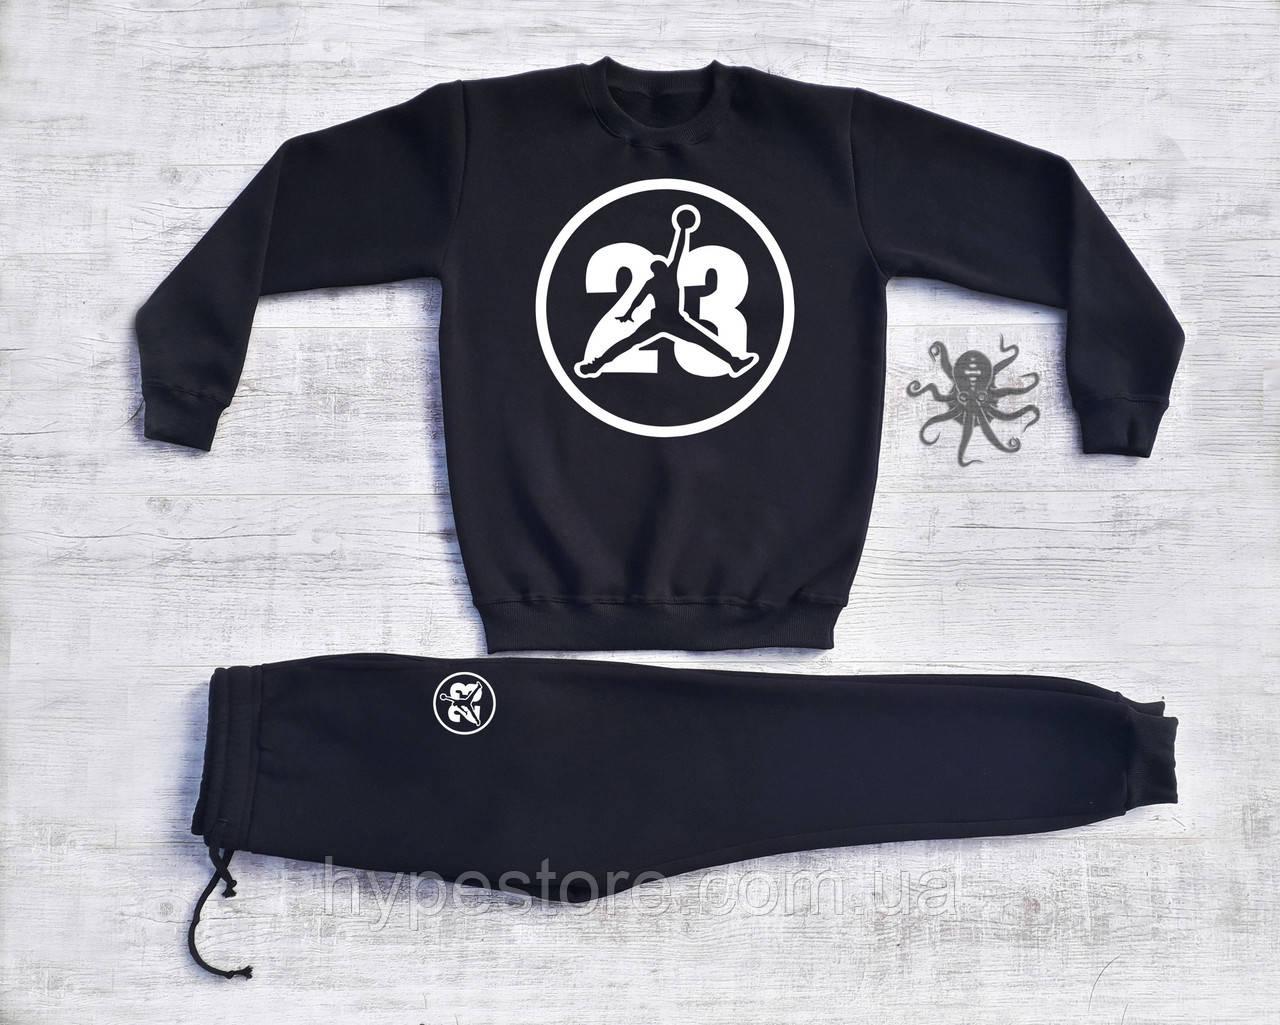 Мужской спортивный костюм на флисе Jordan 23, Реплика - Интернет-магазин  обуви, одежды ff74deb5649